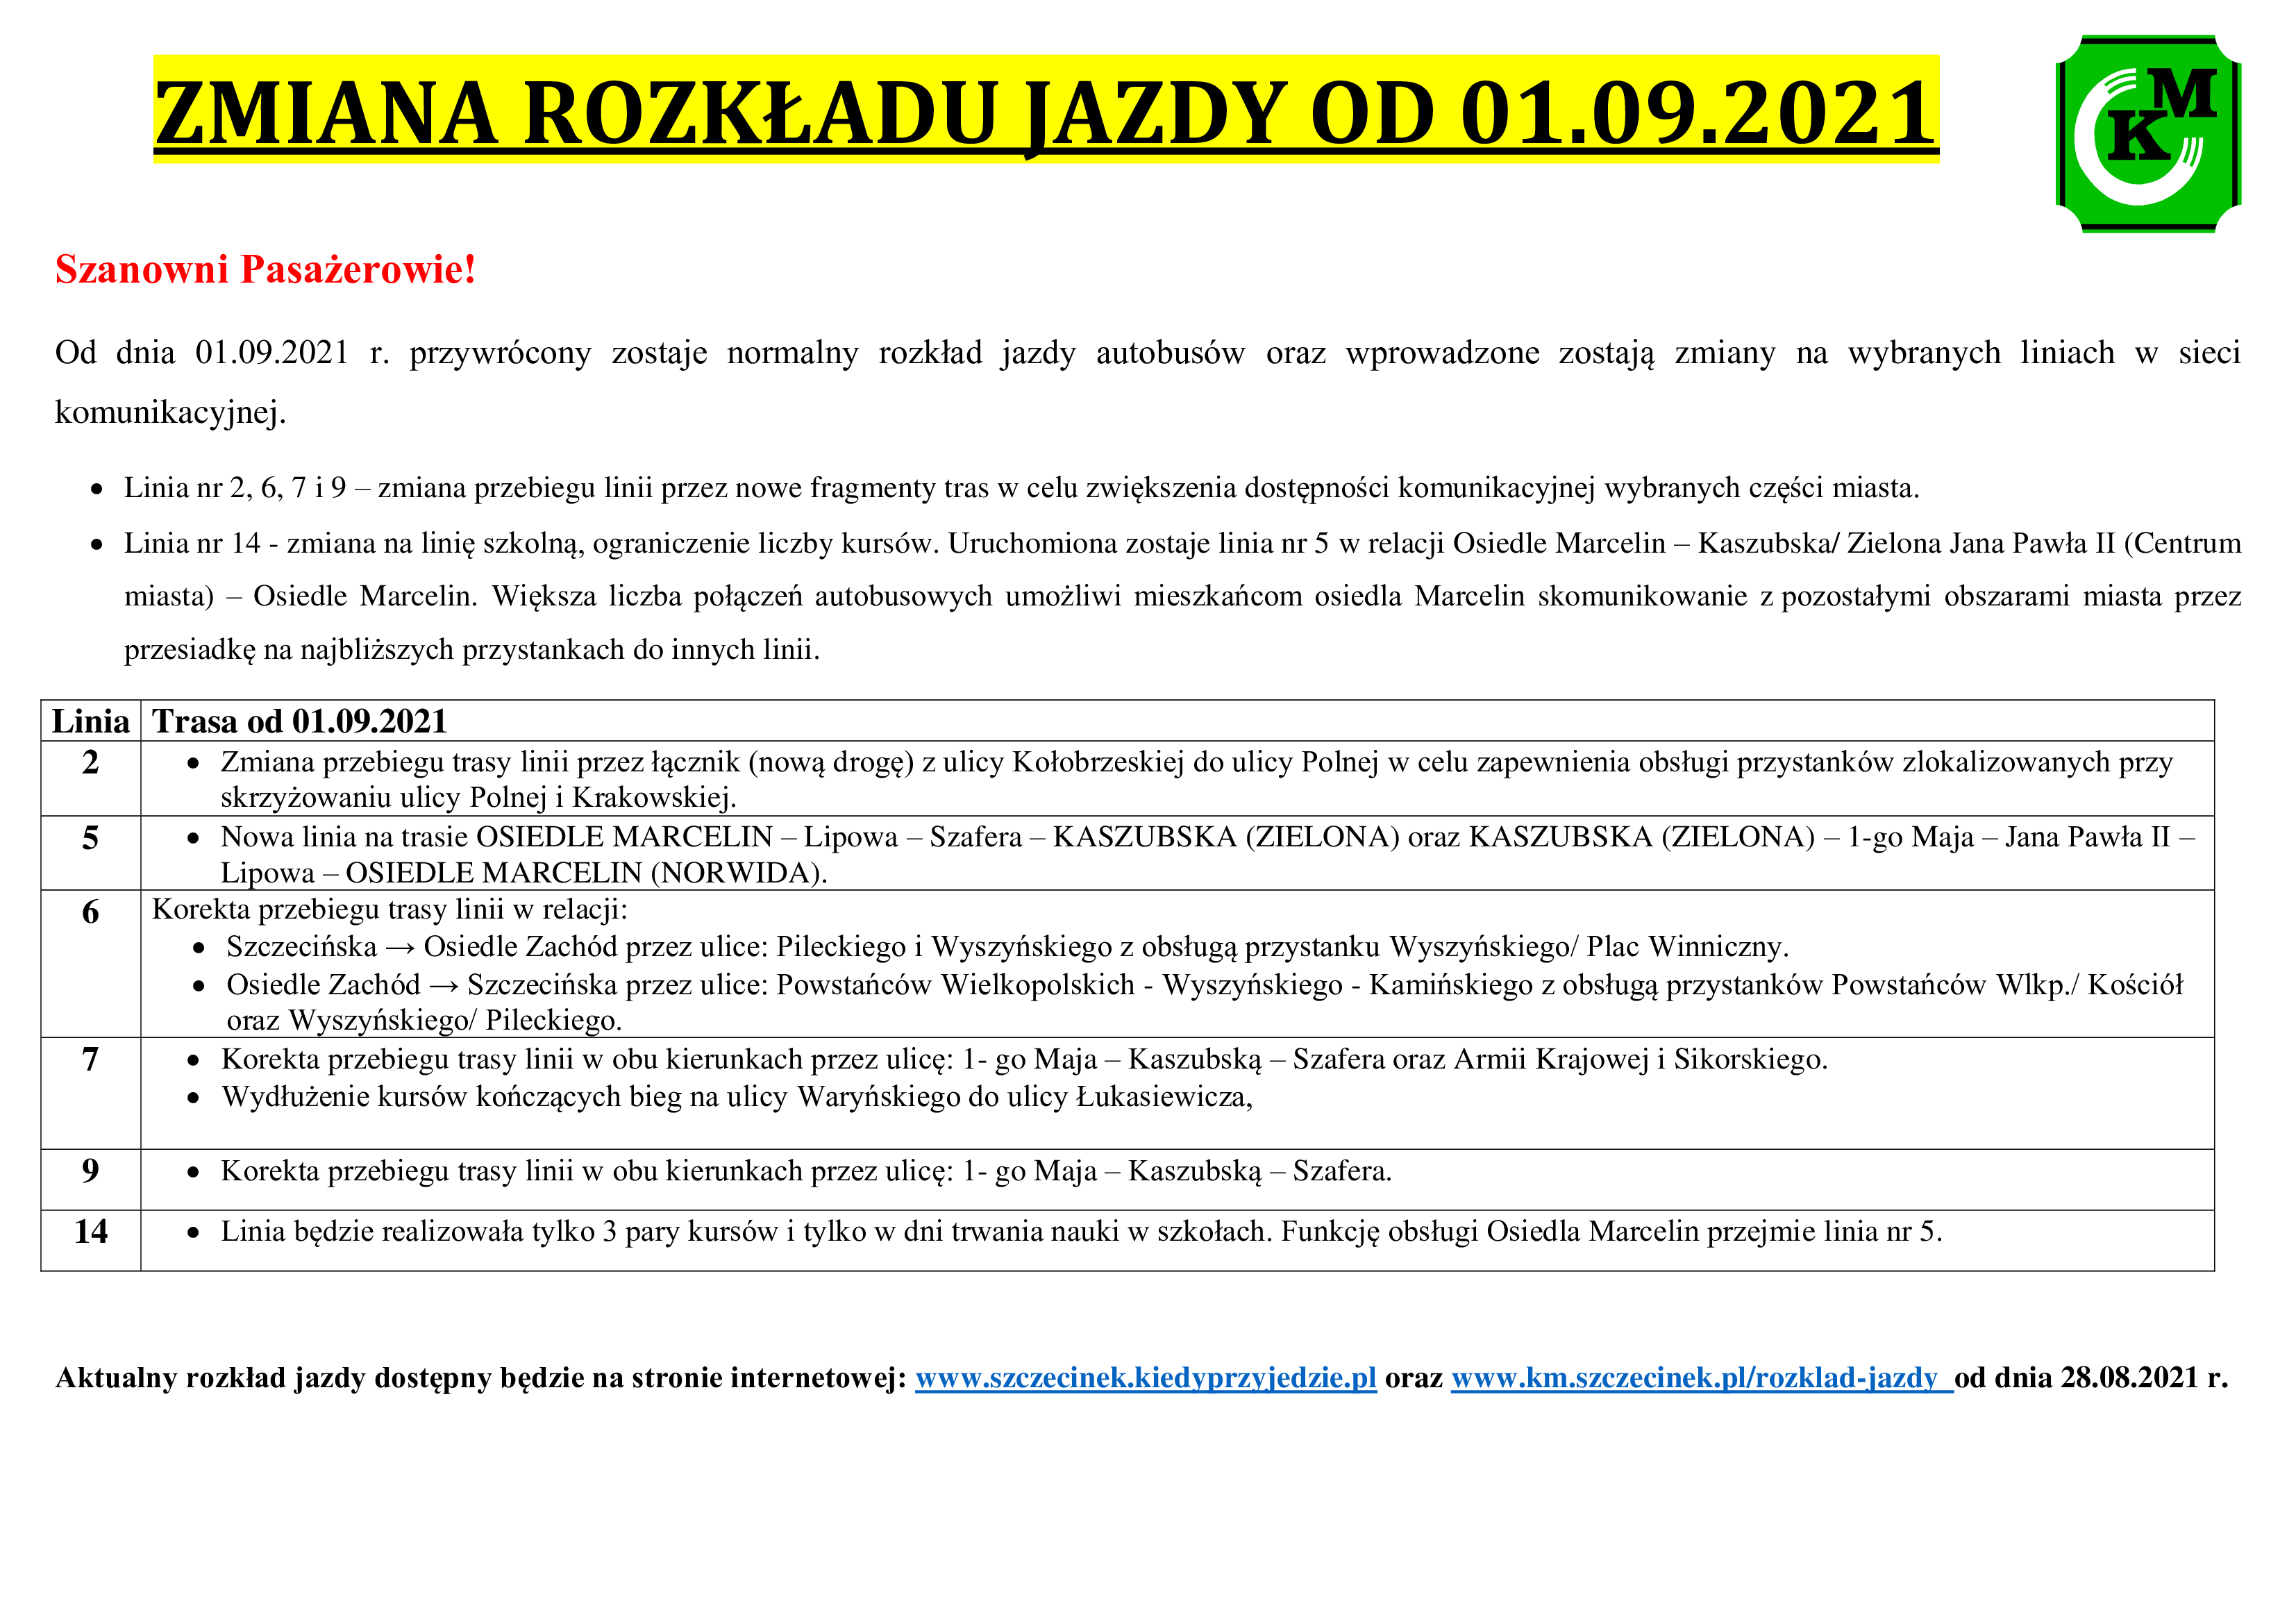 Zmiana rozkładu jazdy od 01.09.2021 r.